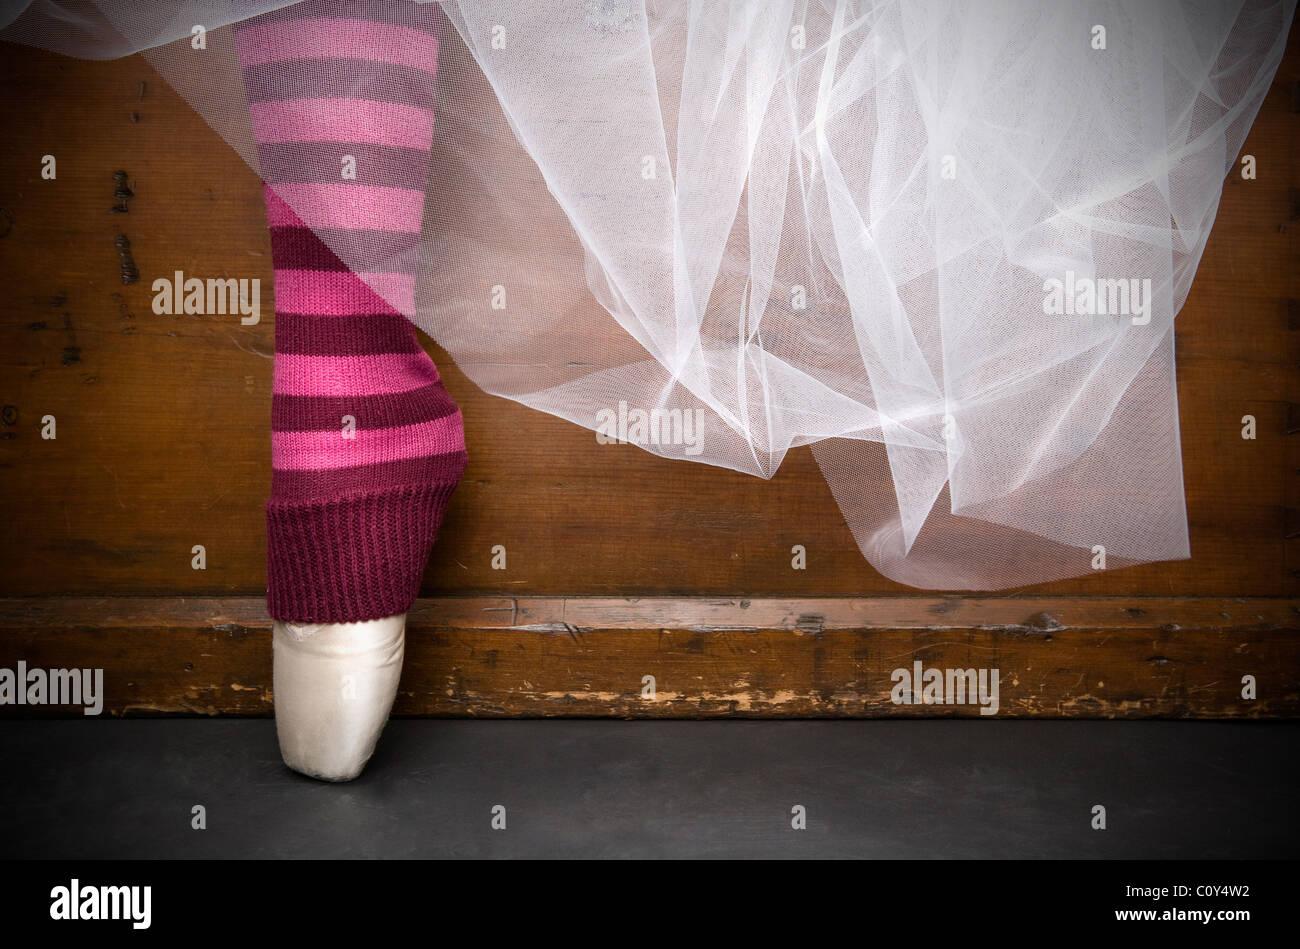 Detailliertes Portrait von weißen Tutu eine Ballerina mit Punkt Schuhe und rot gestreiften Strümpfen. Stockbild